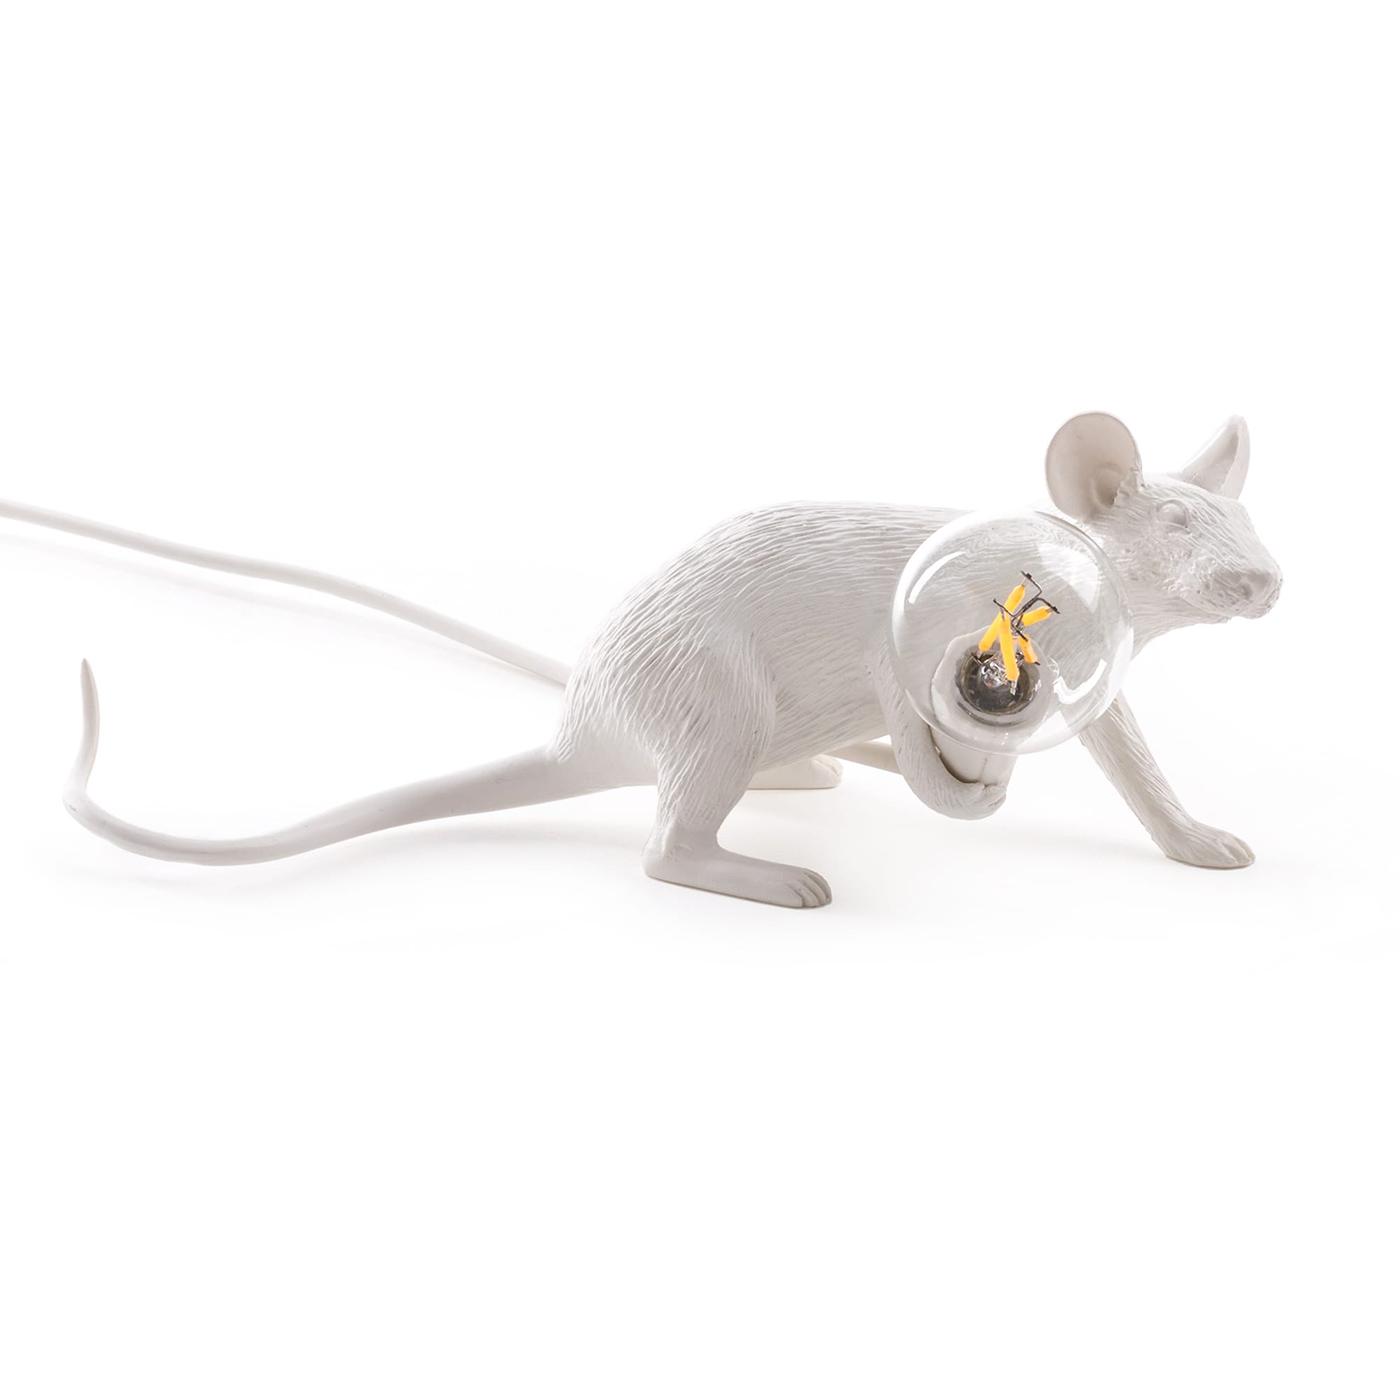 Настольная лампа Mouse Lamp Lie DownДекоративные лампы<br>Вид цоколя: E12Мощность: 1WКоличество ламп: 1 (нет в комплекте)<br><br>kit: None<br>gender: None